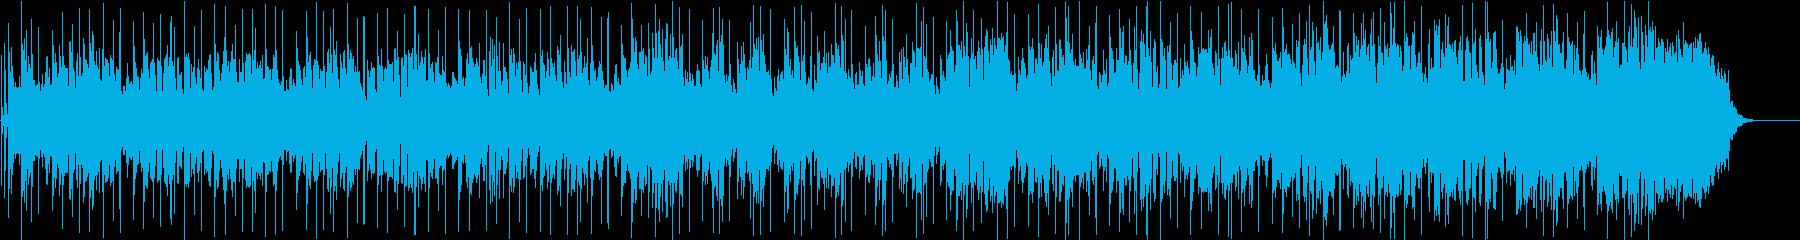 シンセブラスの元気なポップ・フュージョンの再生済みの波形